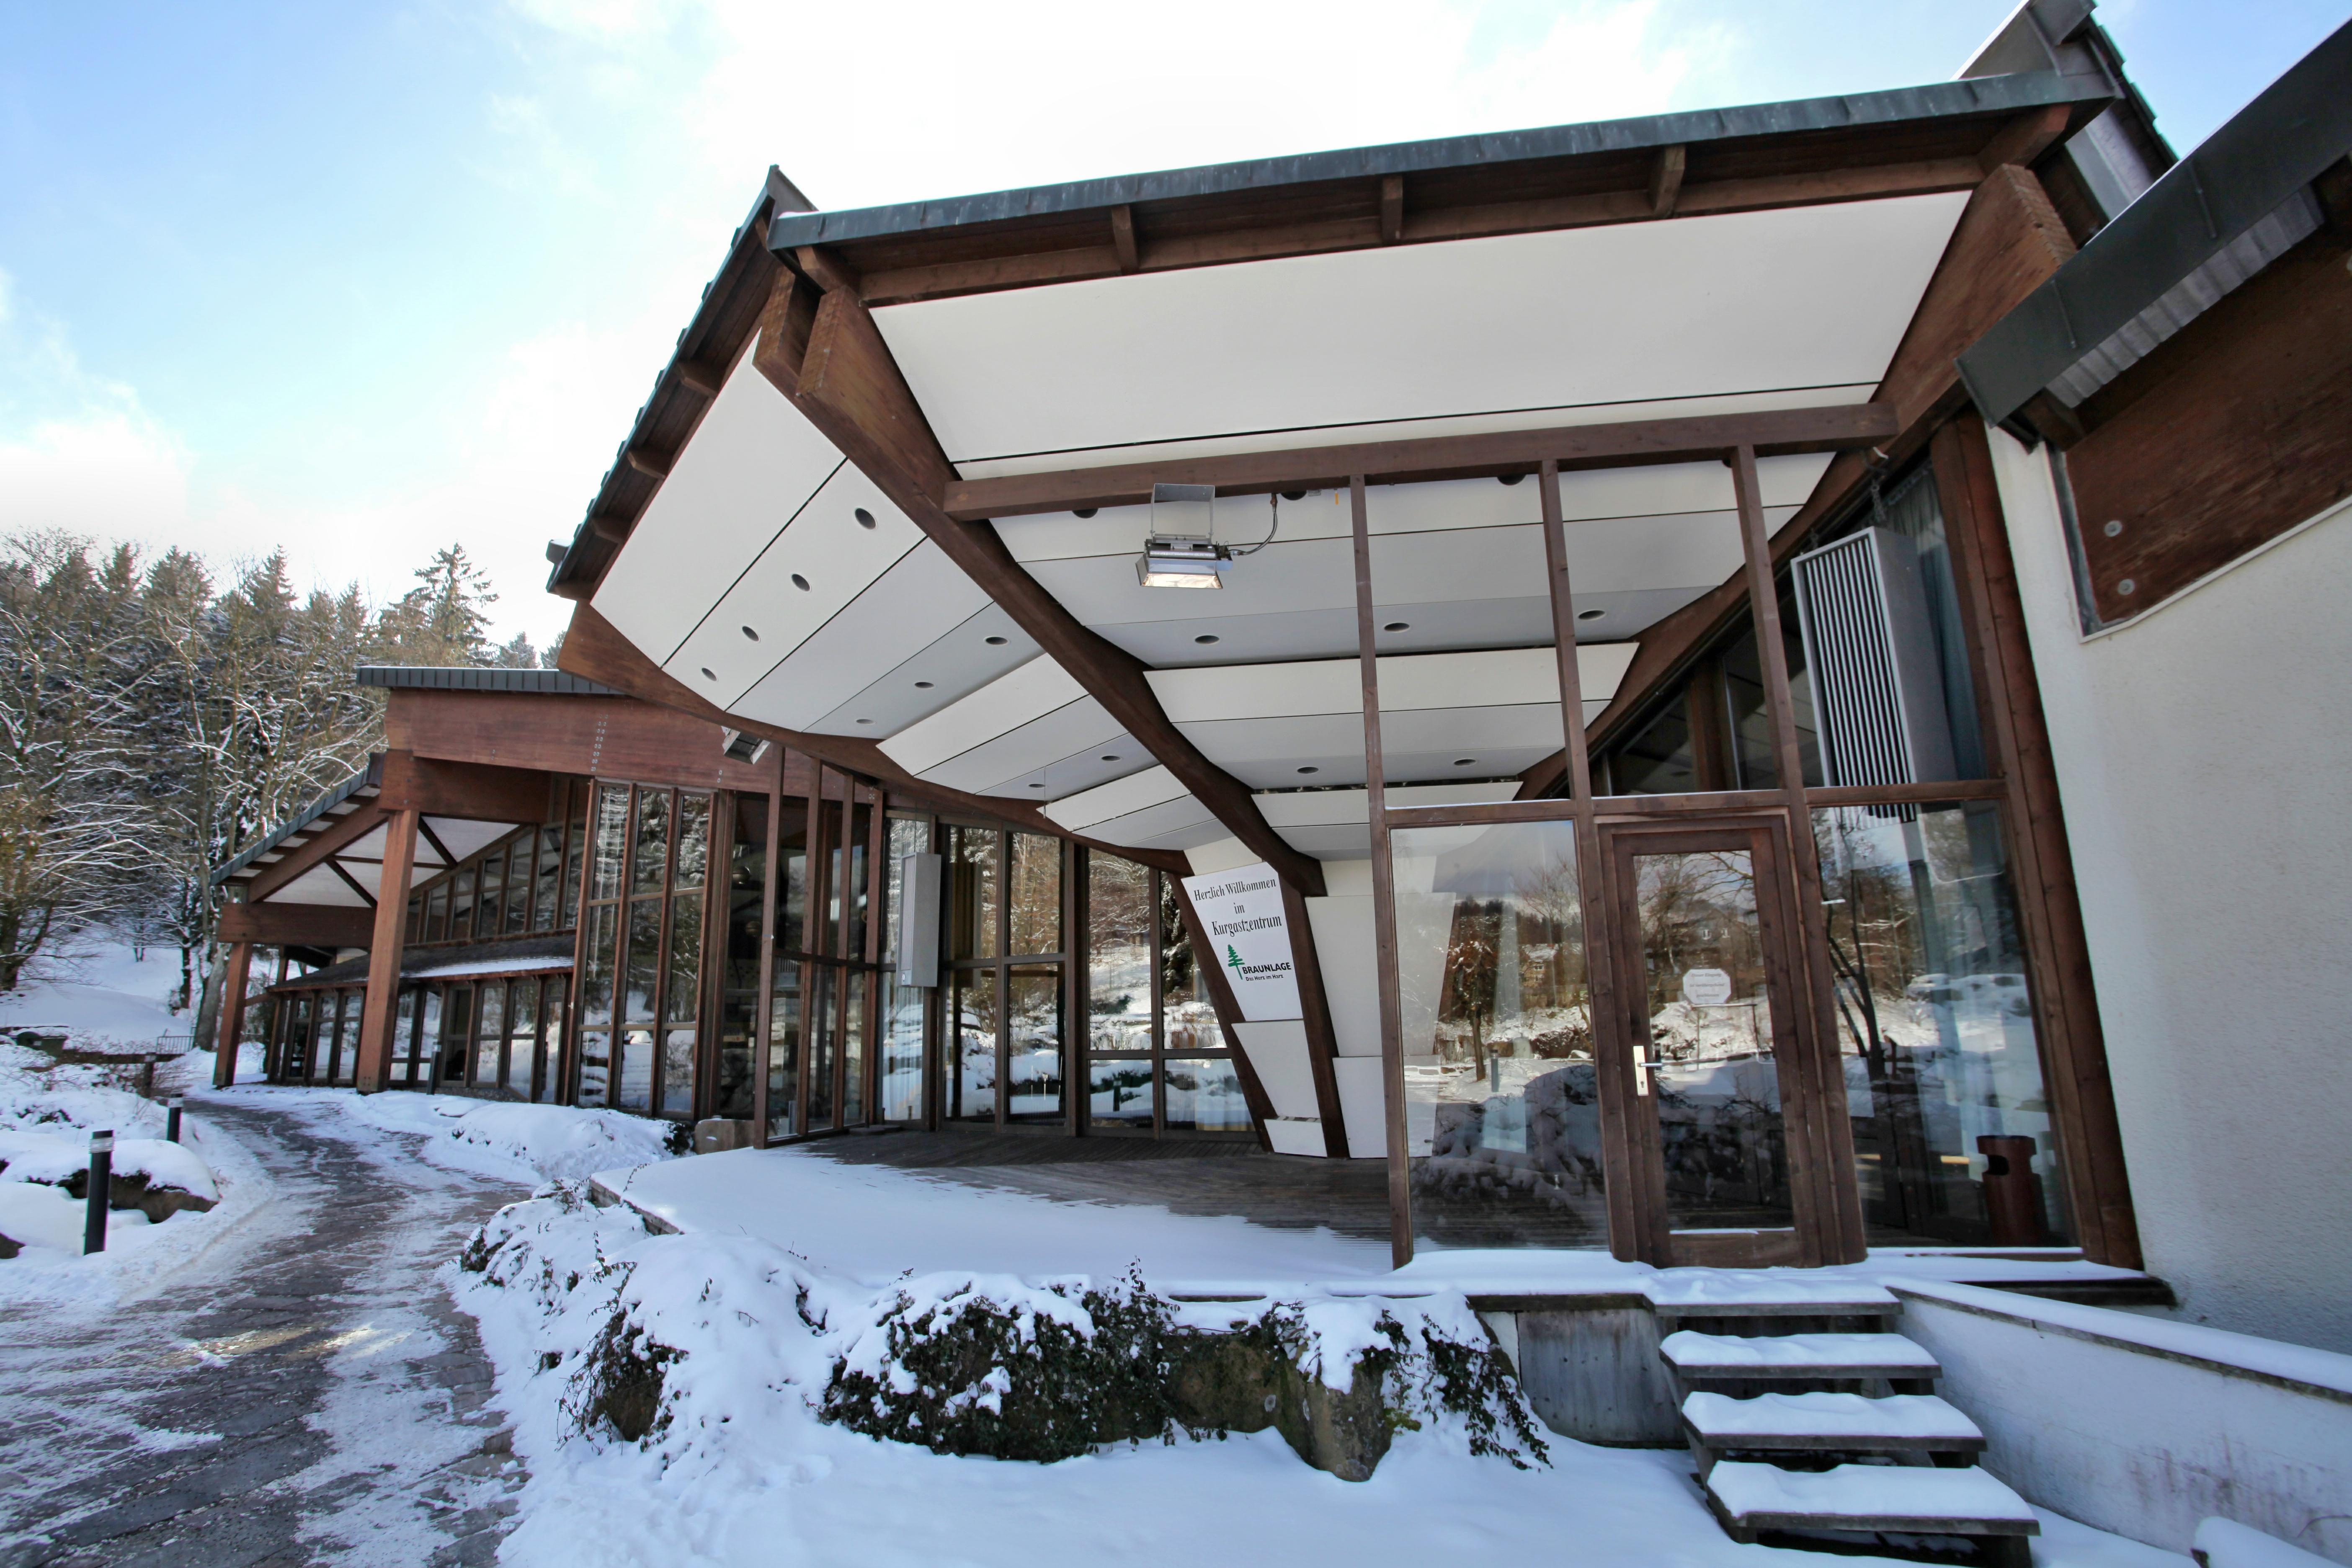 Kurgastzentrum im Winter